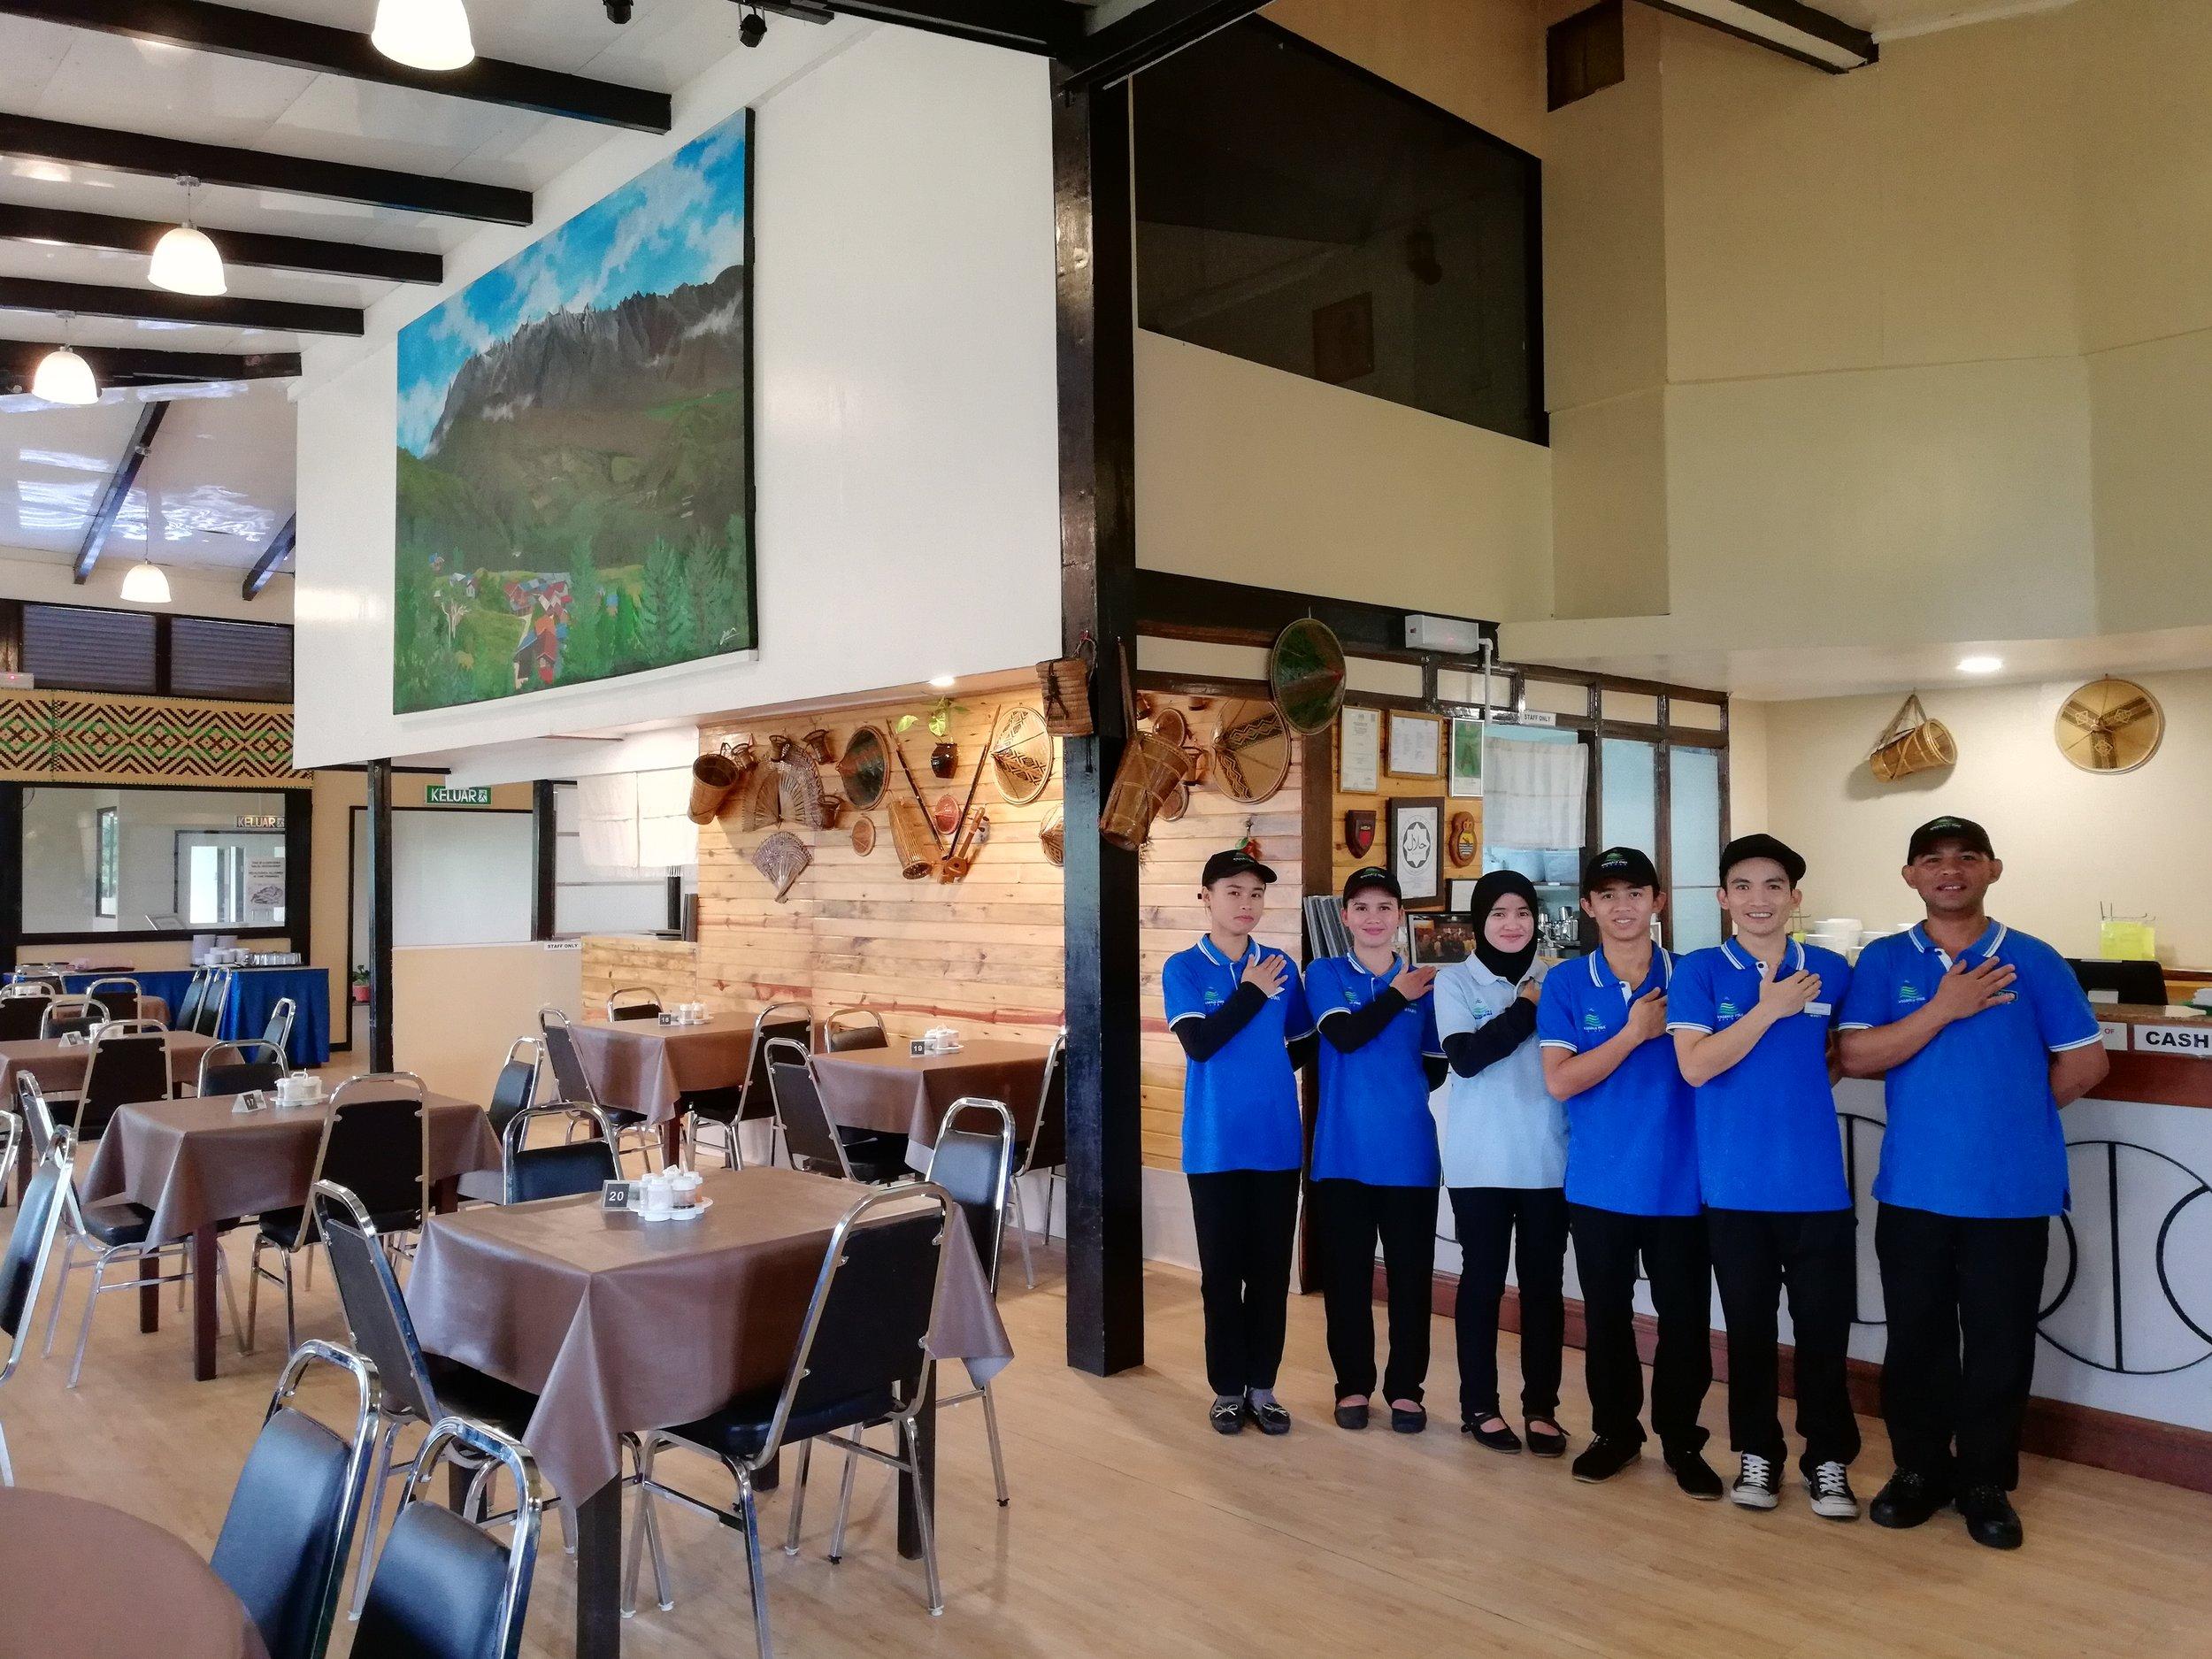 Restaurant with staff.jpg